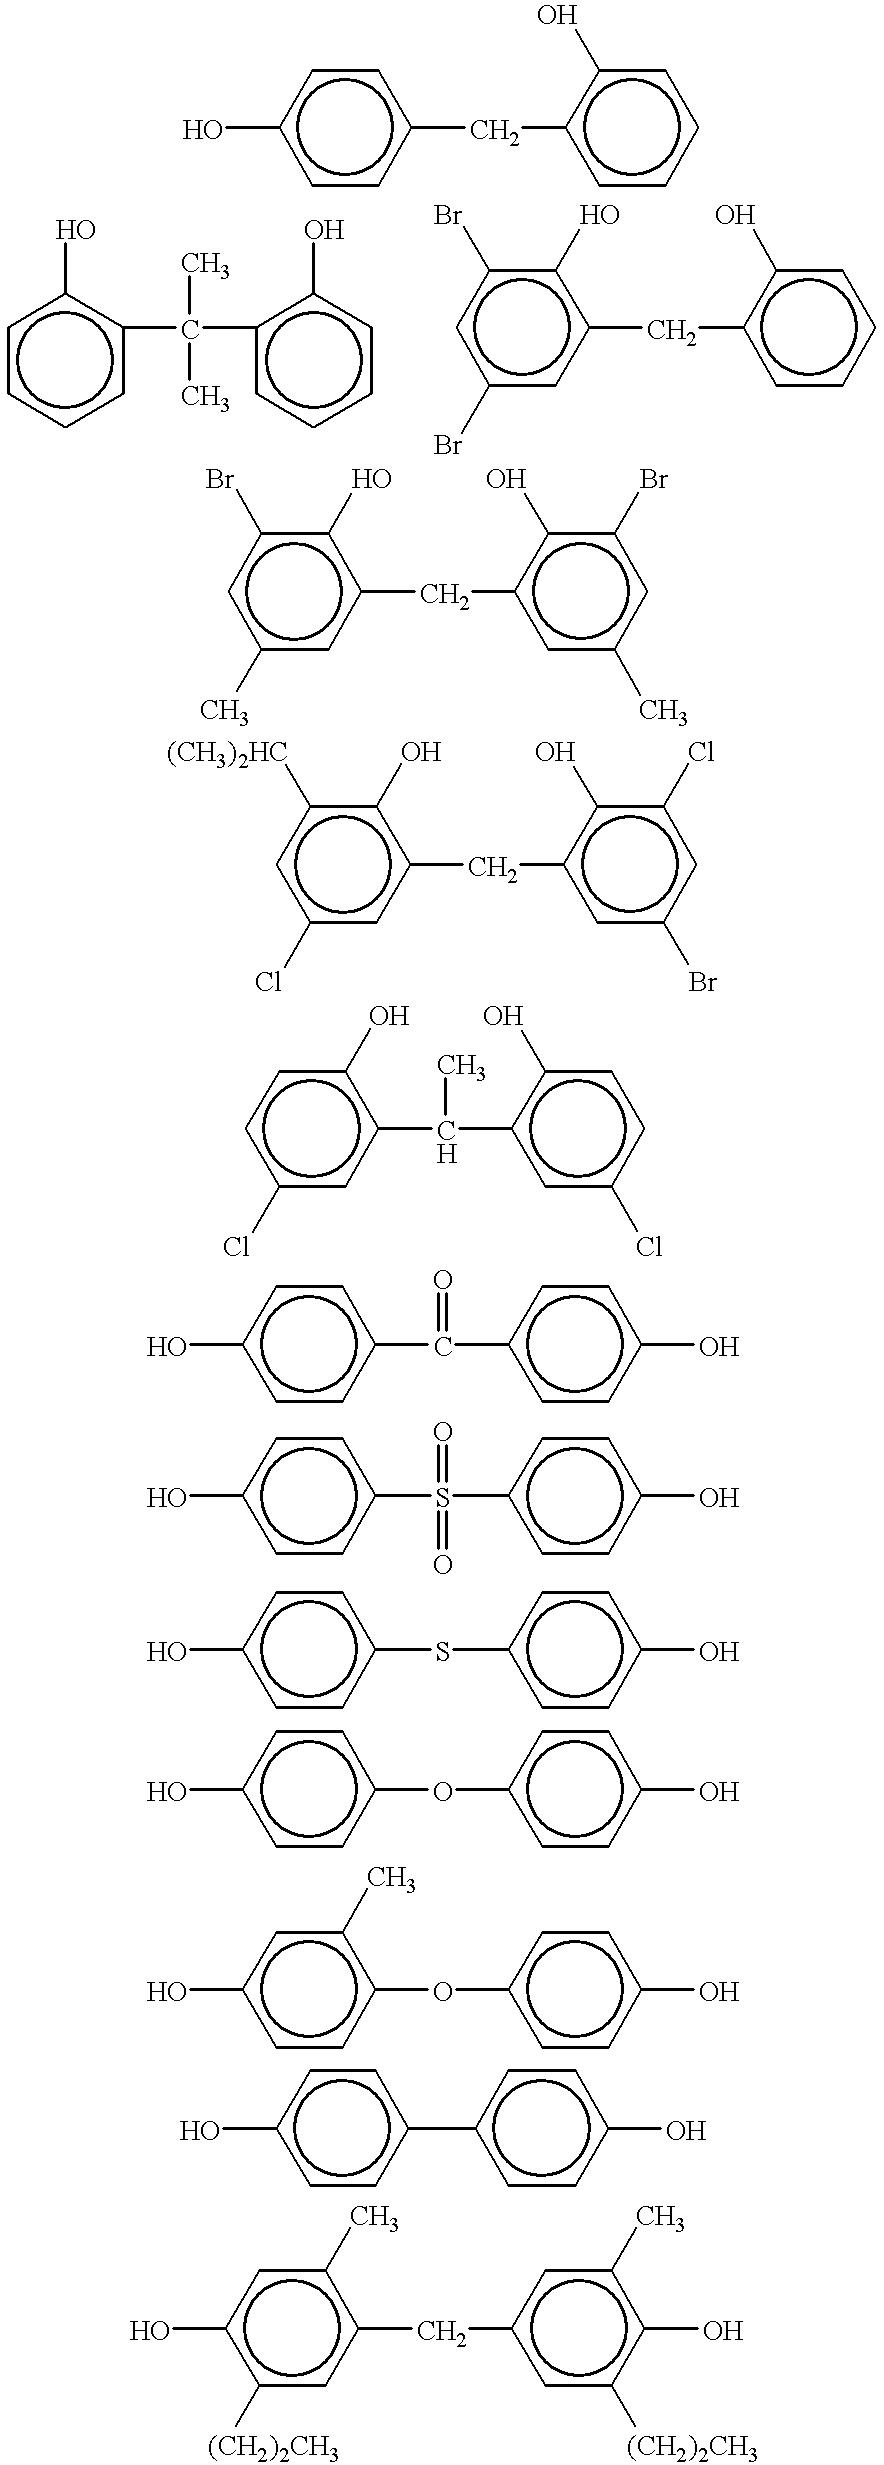 Figure US06270855-20010807-C00006